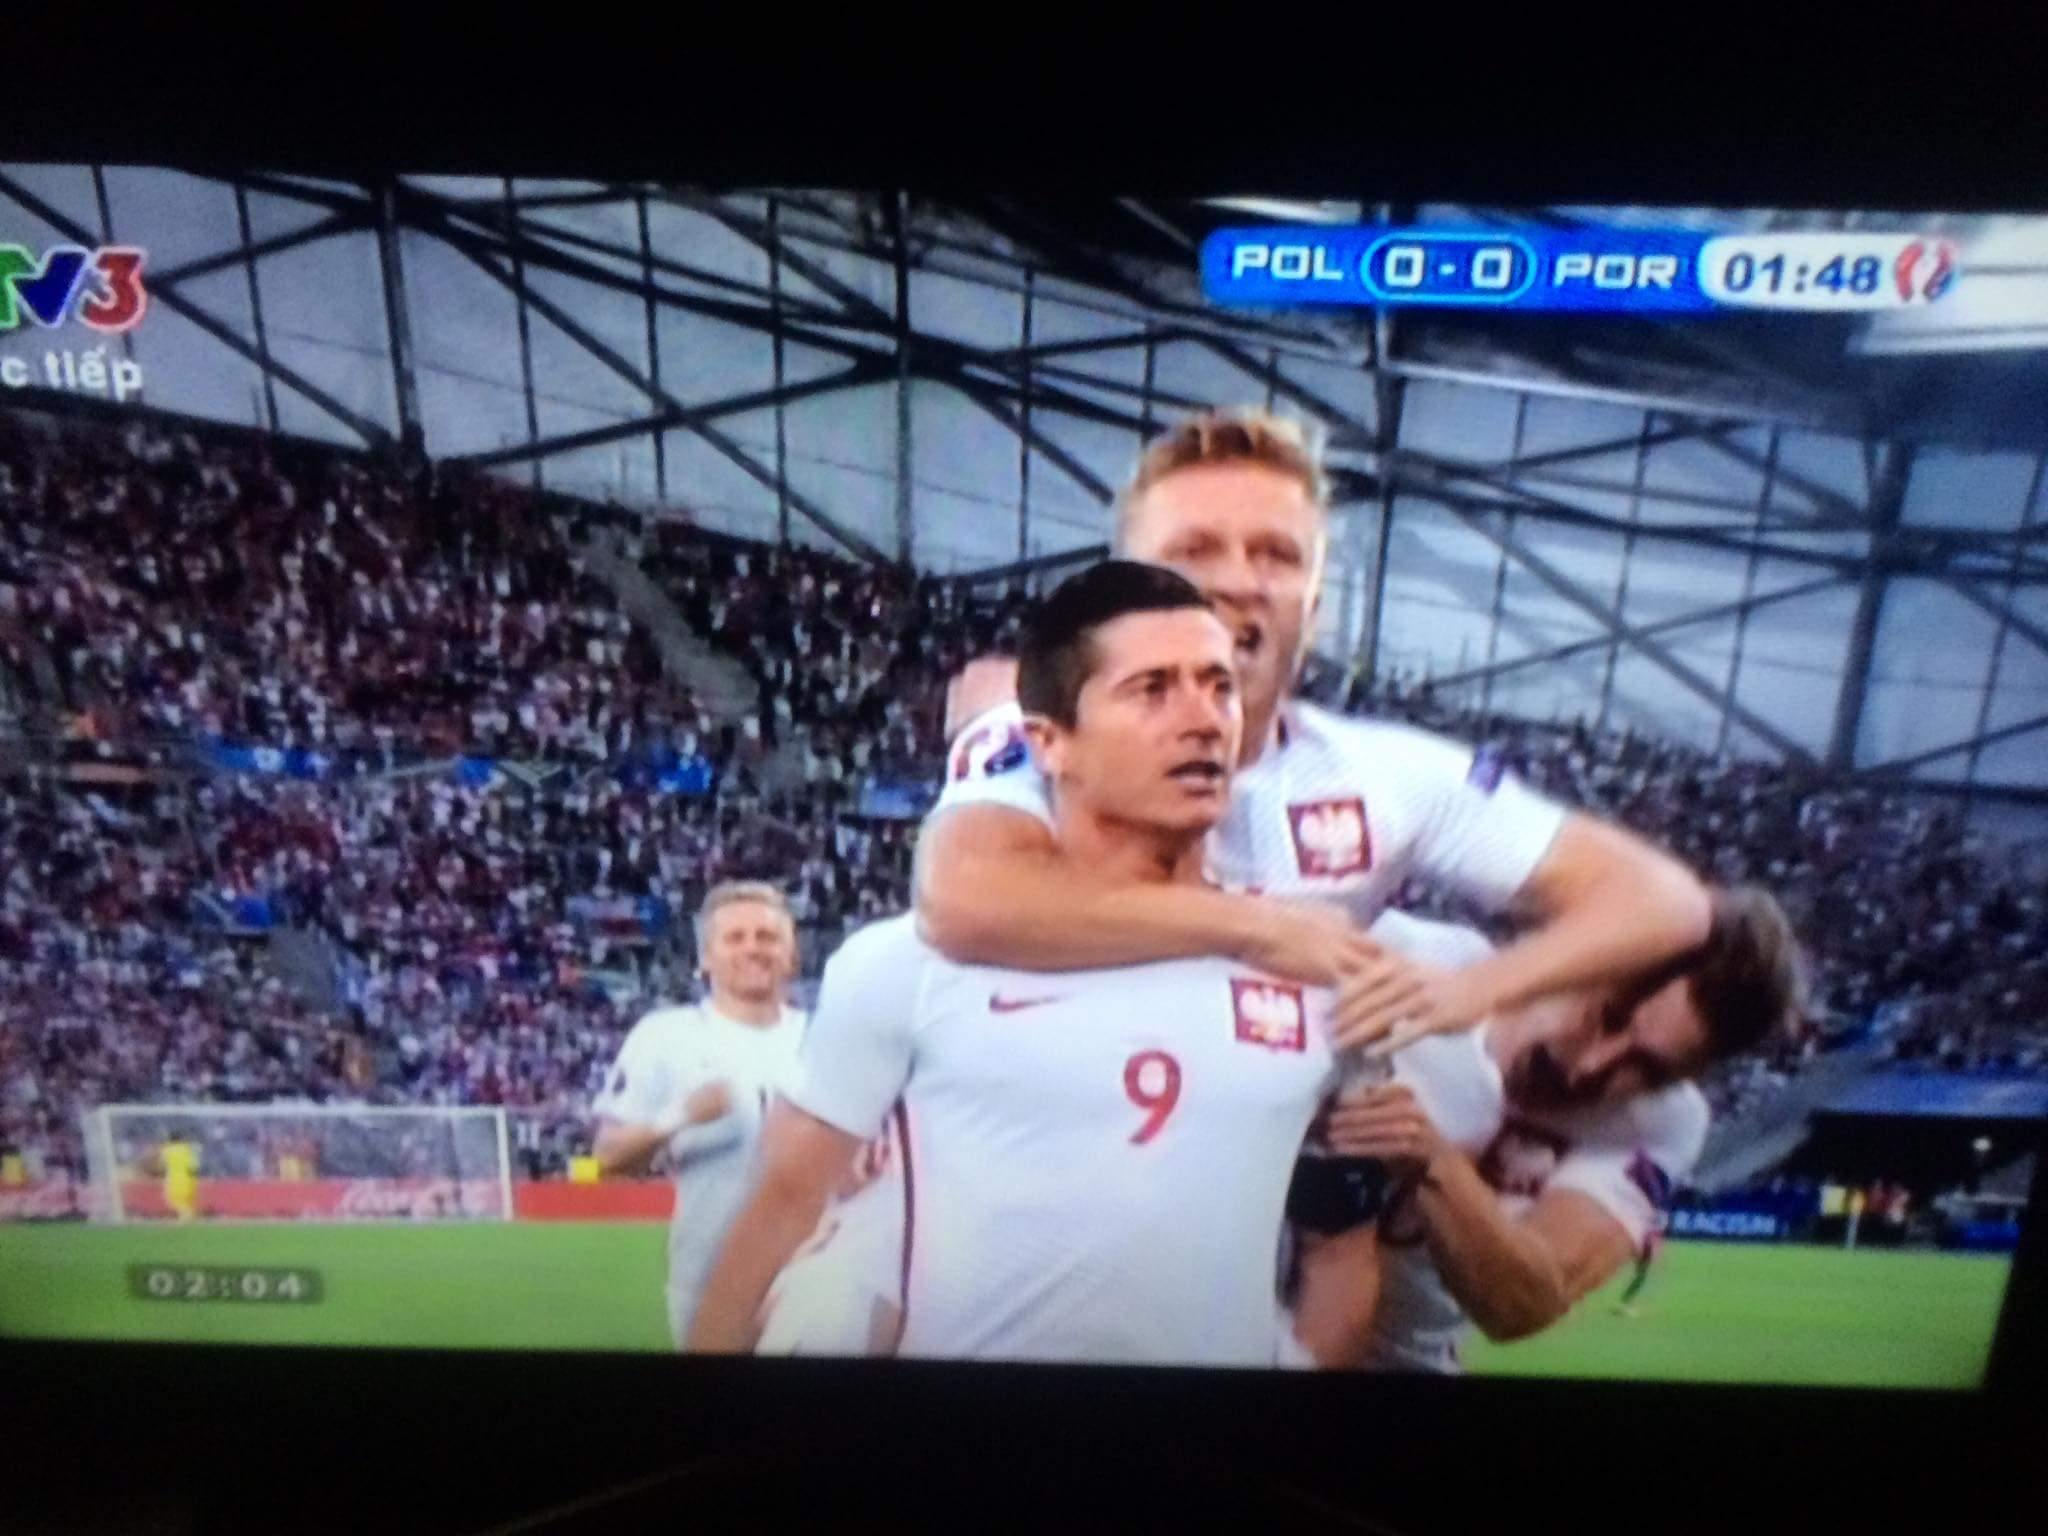 VÀOOOOOOO.......bàn thắng đến rất sớm Ba Lan đá như đá pes